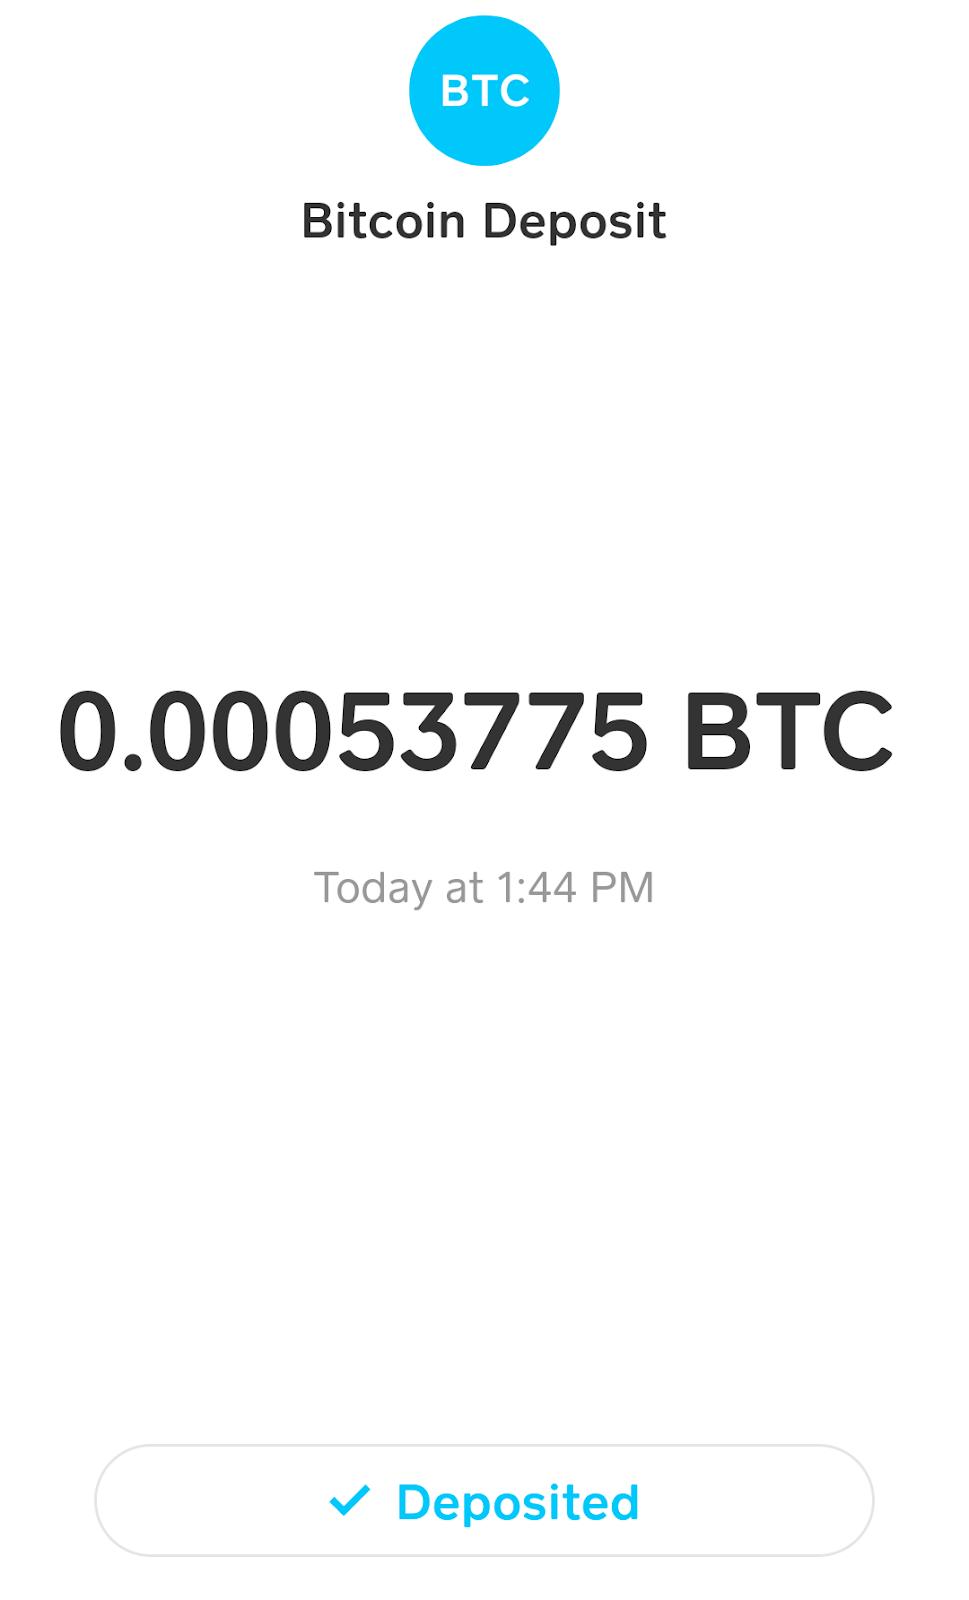 https://cash.app/app/TBFJHHS